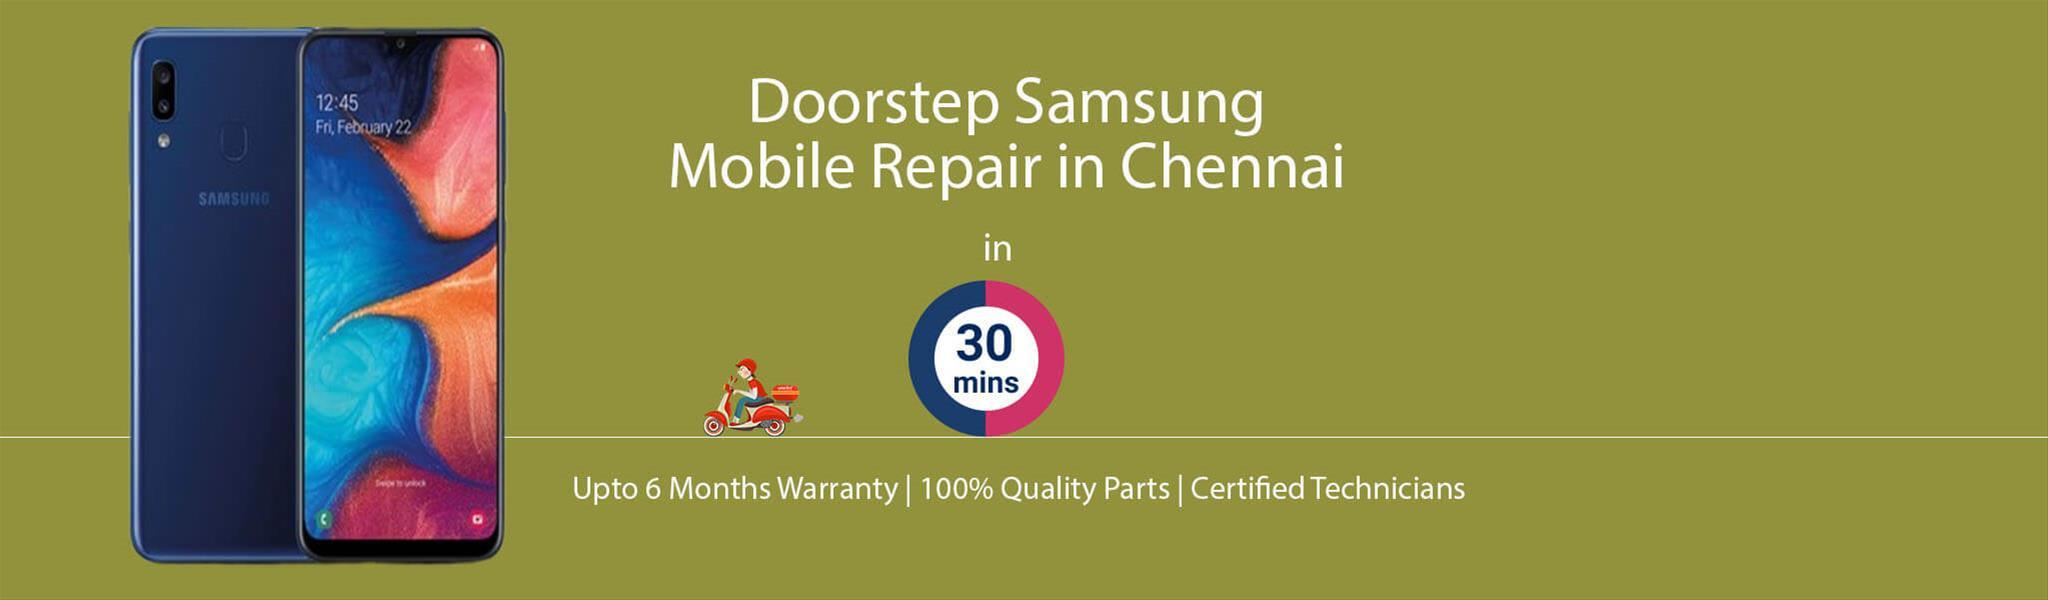 samsung-repair-service-banner-chennai.jpg